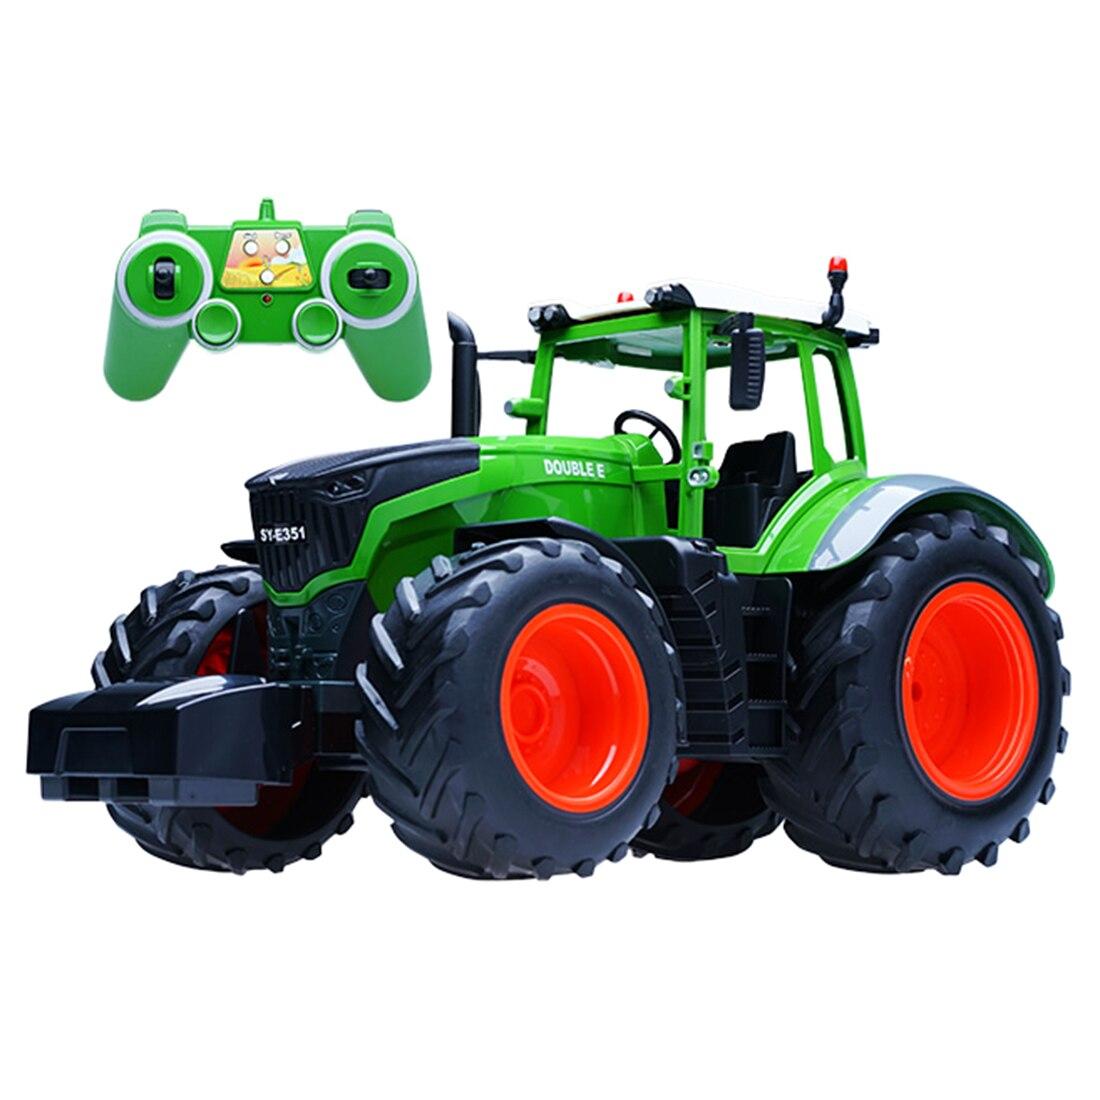 1:16 2.4G RC tracteur agricole tracteurs modèle agriculteur voiture jouet RC camions